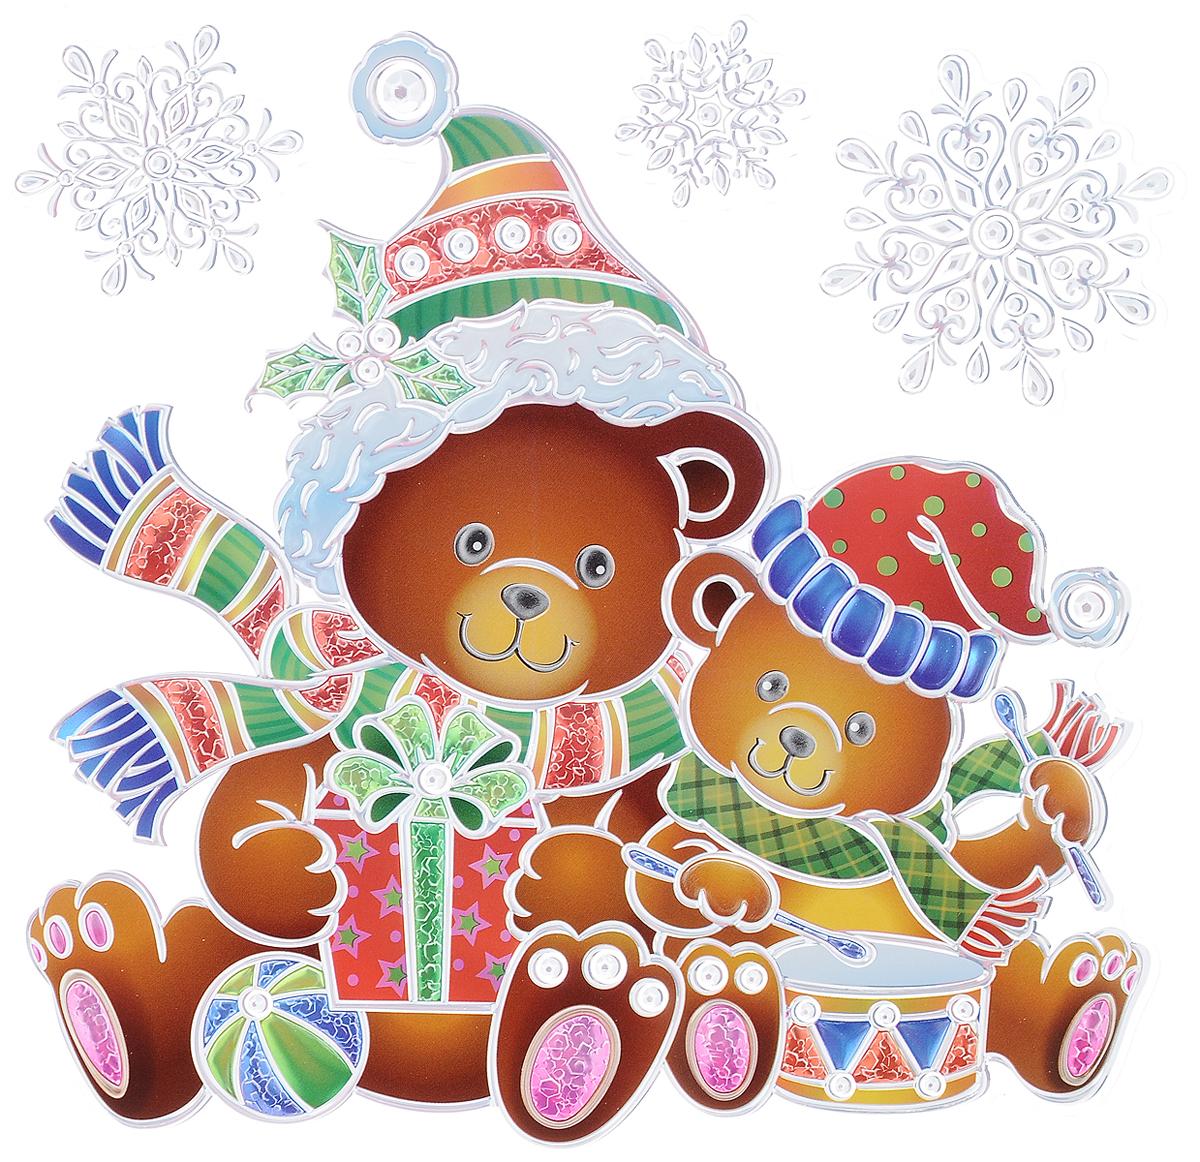 Украшение новогоднее оконное Winter Wings Мишки, 4 штN09343Новогоднее оконное украшение Winter Wings Мишки поможет украсить дом к предстоящим праздникам. Наклейки изготовлены из ПВХ.С помощью этих украшений вы сможете оживить интерьер по своему вкусу, наклеить их на окно, на зеркало или на дверь.Новогодние украшения всегда несут в себе волшебство и красоту праздника. Создайте в своем доме атмосферу тепла, веселья и радости, украшая его всей семьей. Размер листа: 18 х 24 см. Количество наклеек на листе: 4 шт. Размер самой большой наклейки: 17 х 16 см. Размер самой маленькой наклейки: 3 х 3 см.